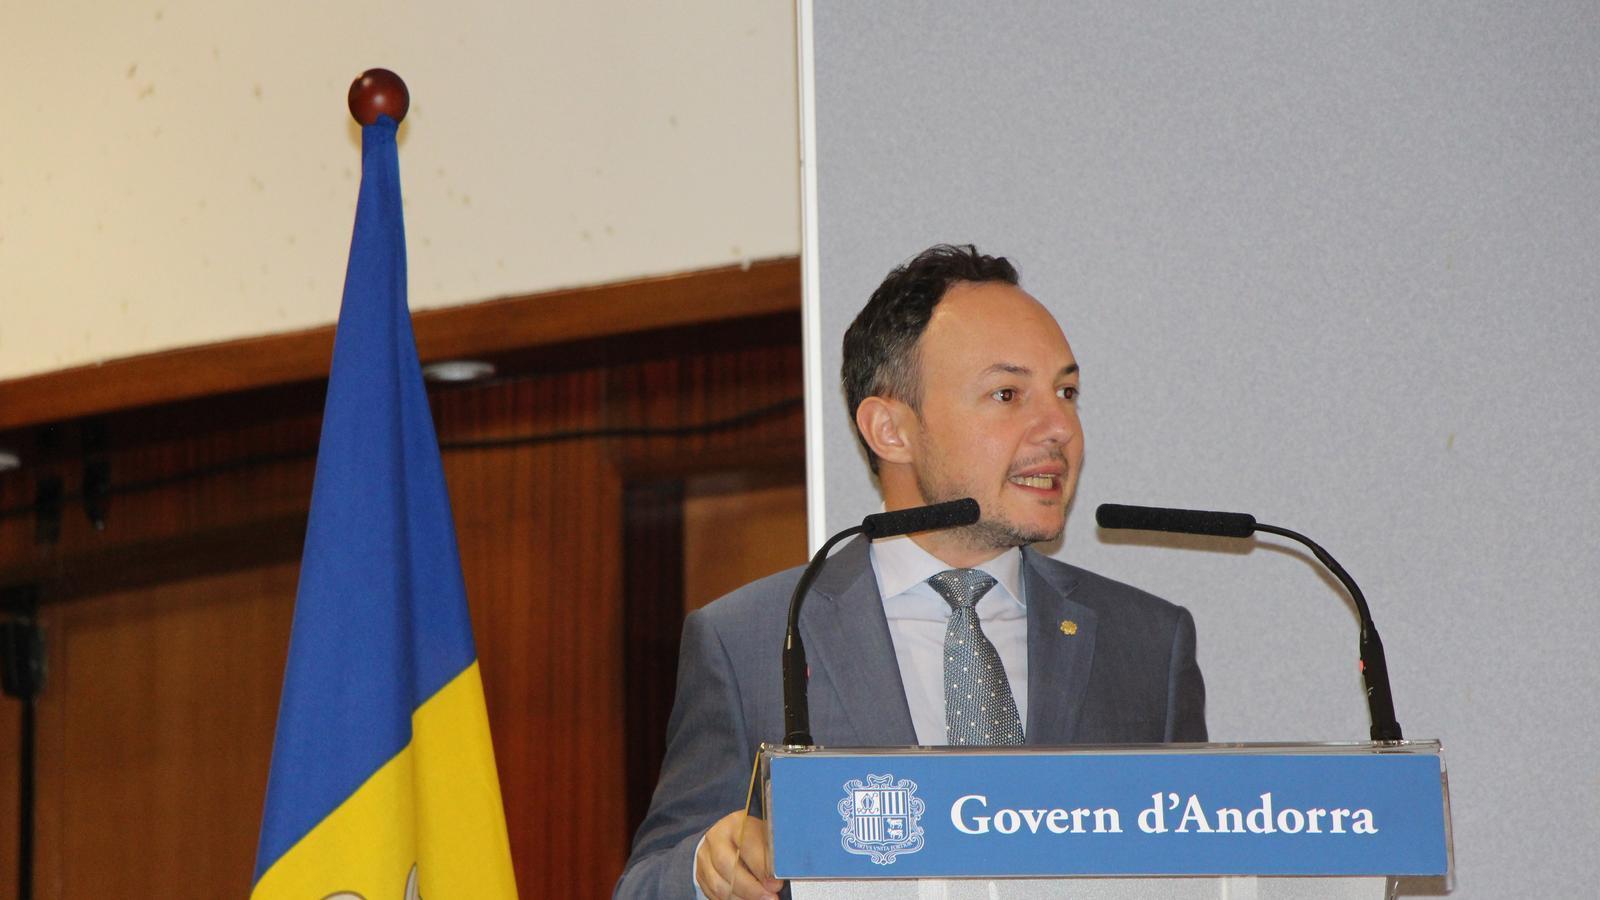 El cap de Govern, Xavier Espot, en el moment del parlament. / C.A.